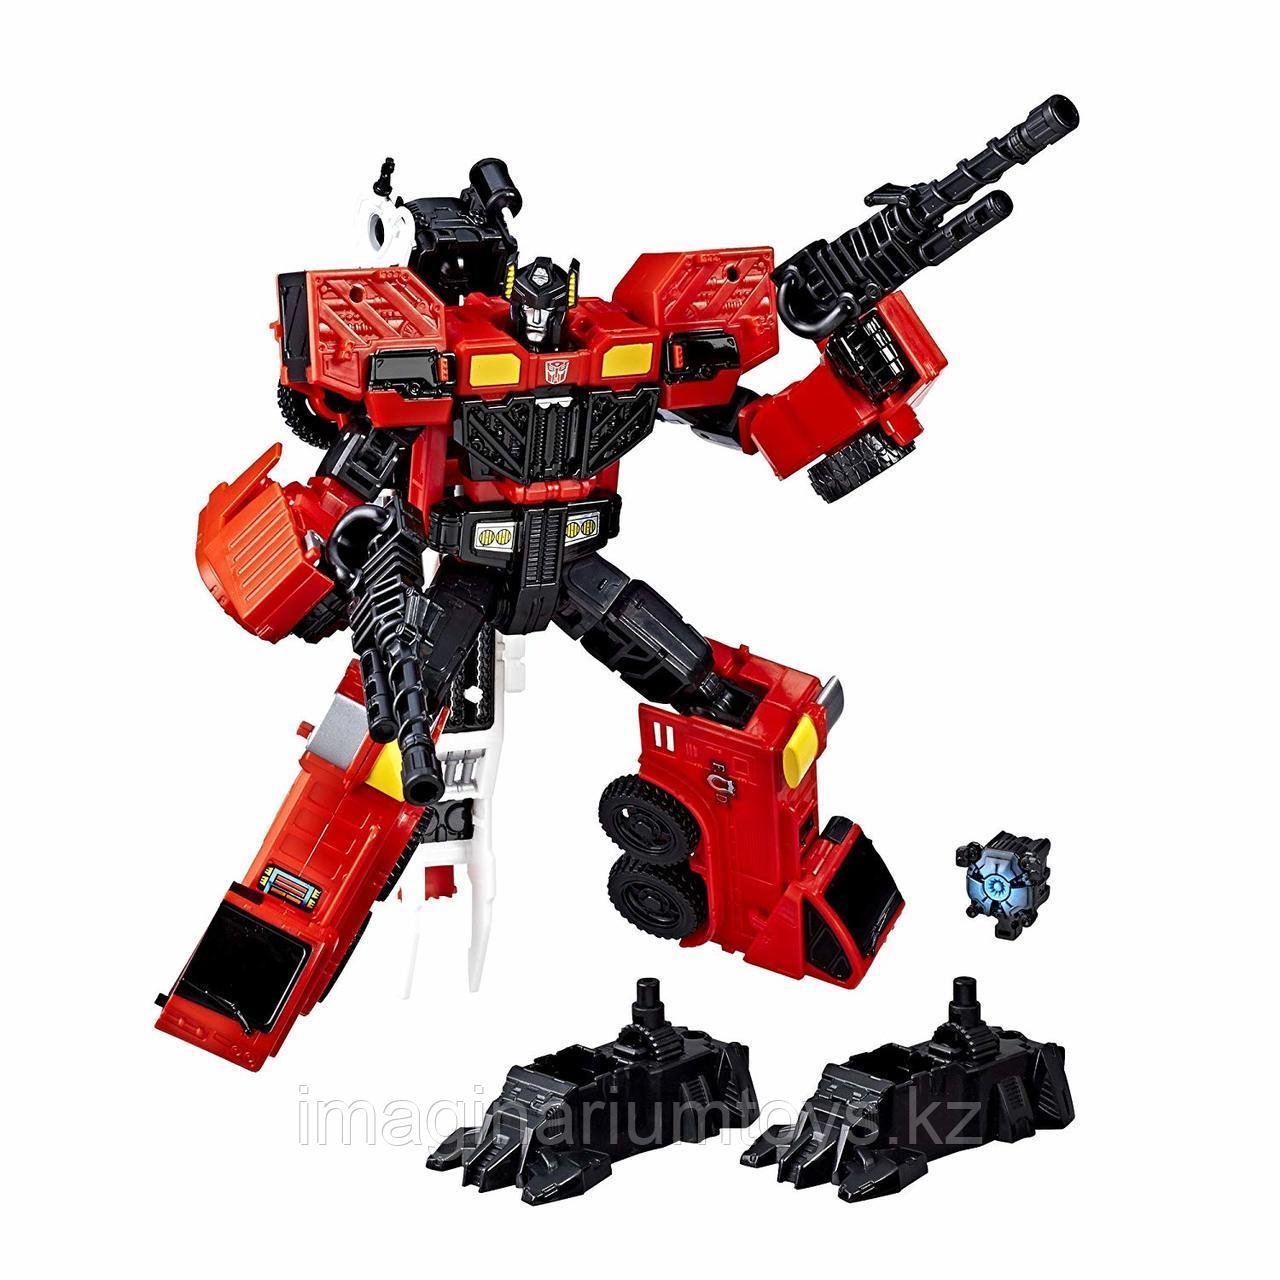 Трансформер Инферно 17 см оригинал Hasbro